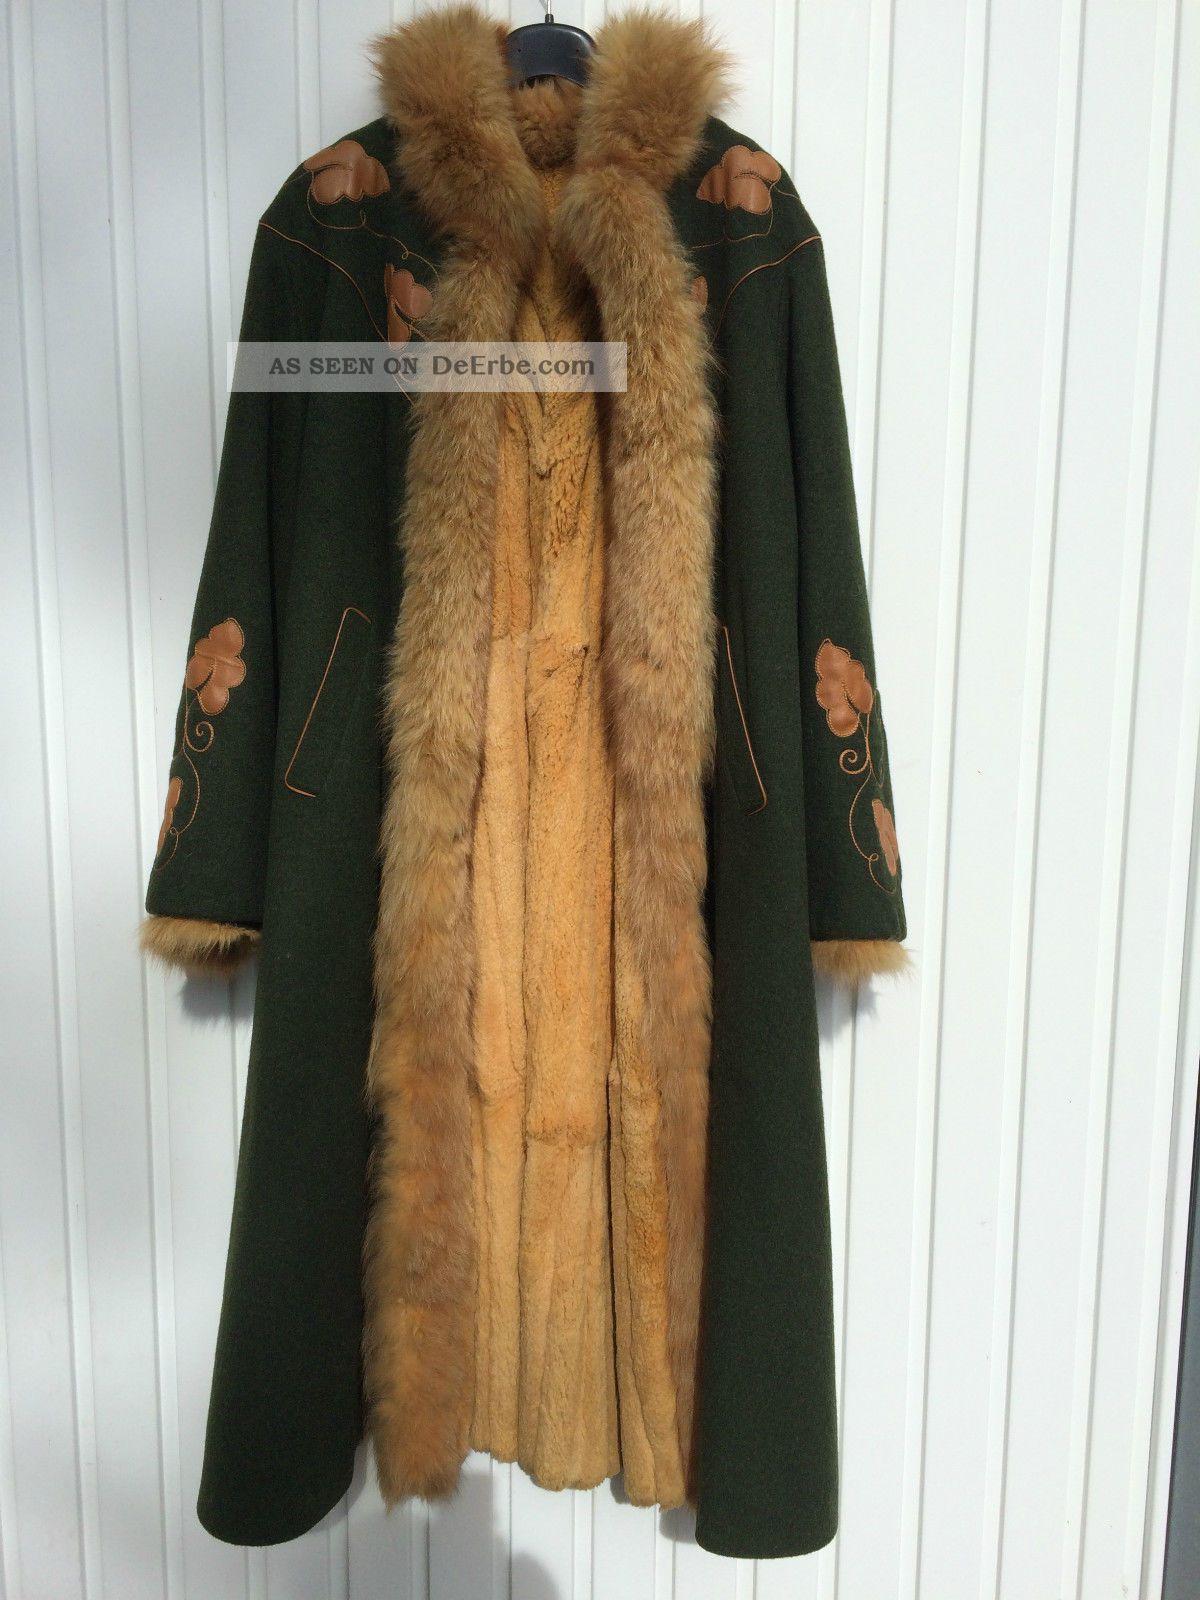 Kuschelig, warm und stylish: Wollmäntel sind ein Must-have in jeder Garderobe. Das Qualitätsmaterial sorgt dafür, dass du lange Freude an deinem Mantel und mit ihm viele schöne Momente haben wirst, an die du dich noch lange erinnerst.